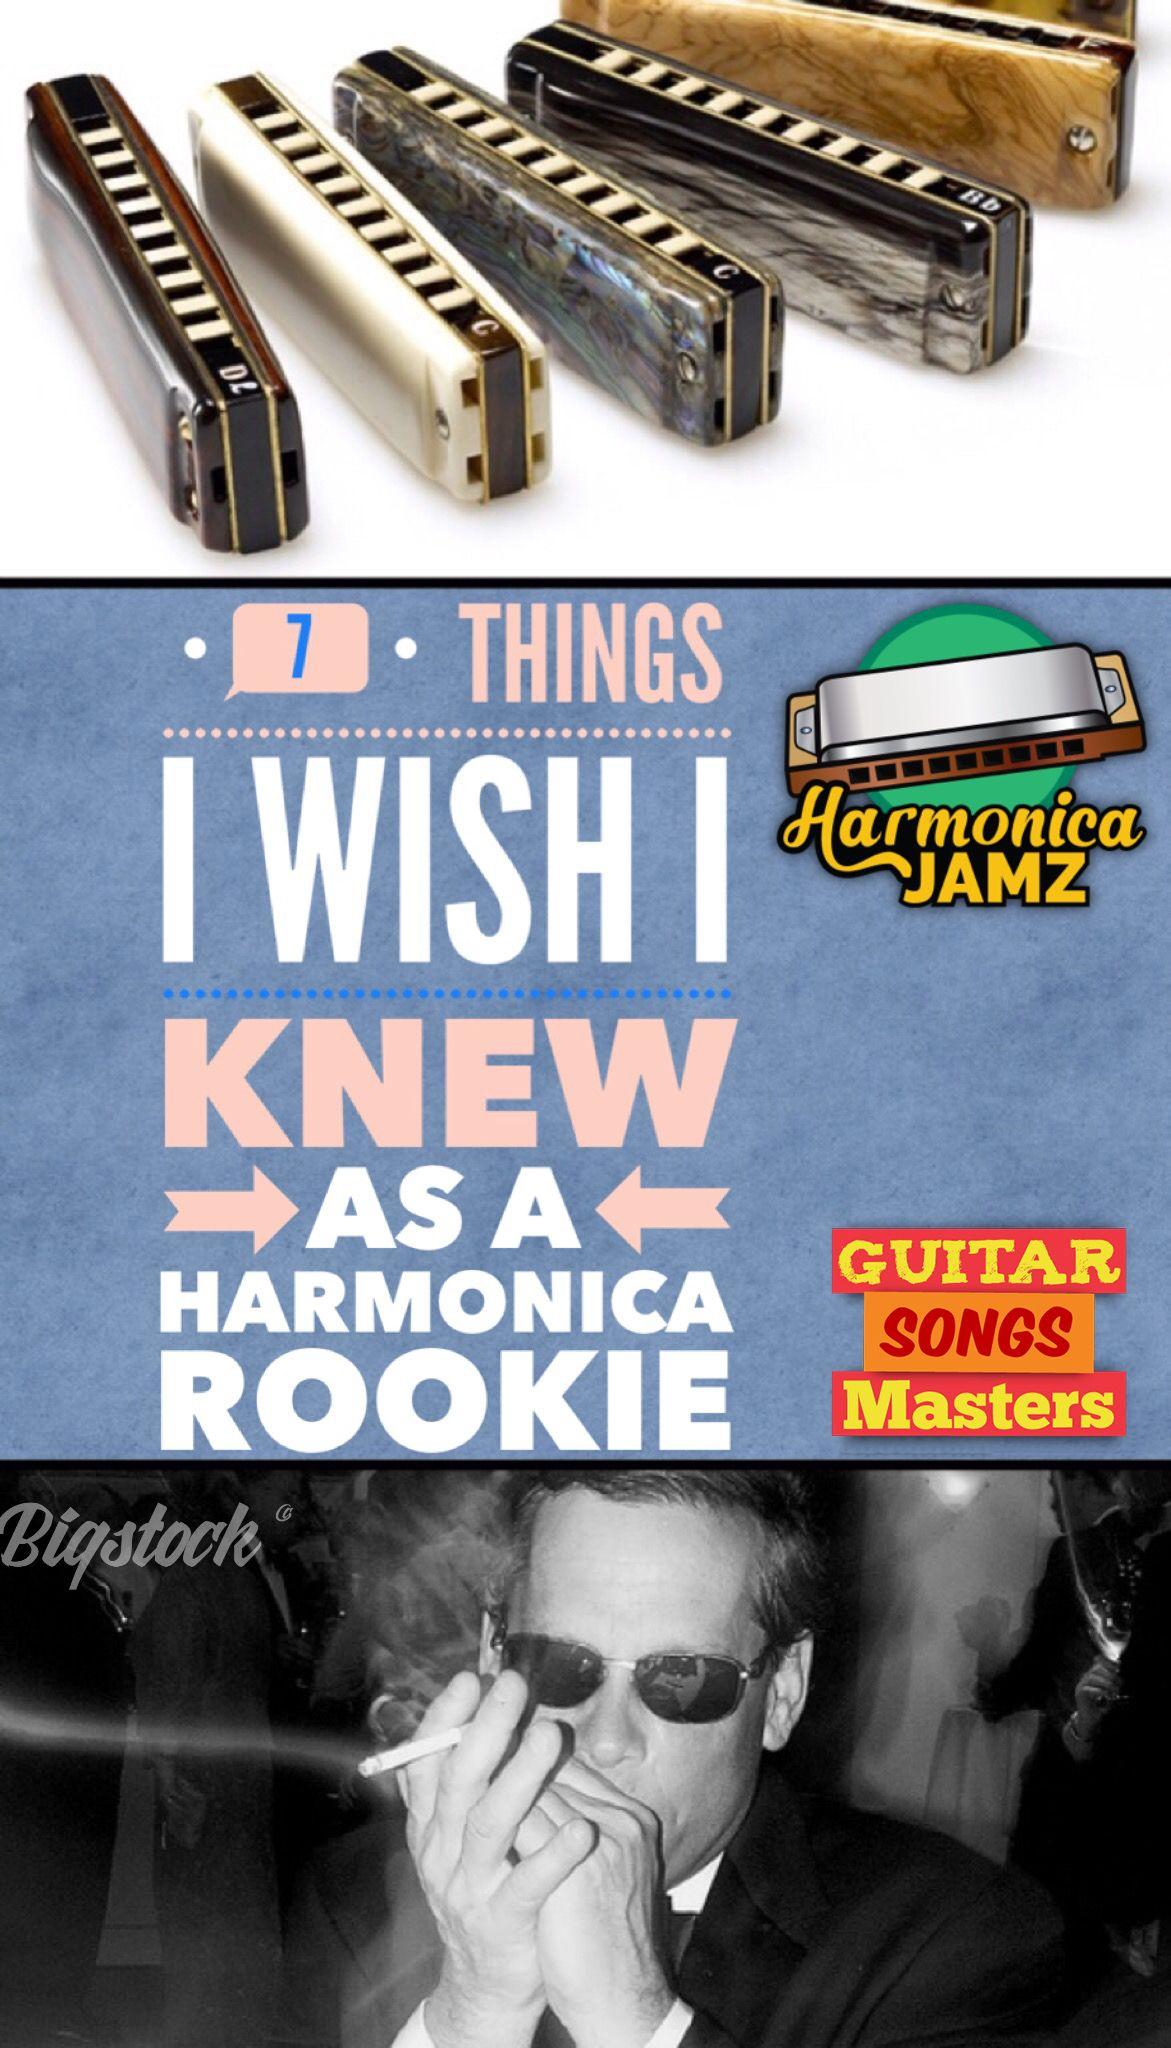 7 Things I Wish I Knew As A Harmonica Rookie Harmonica